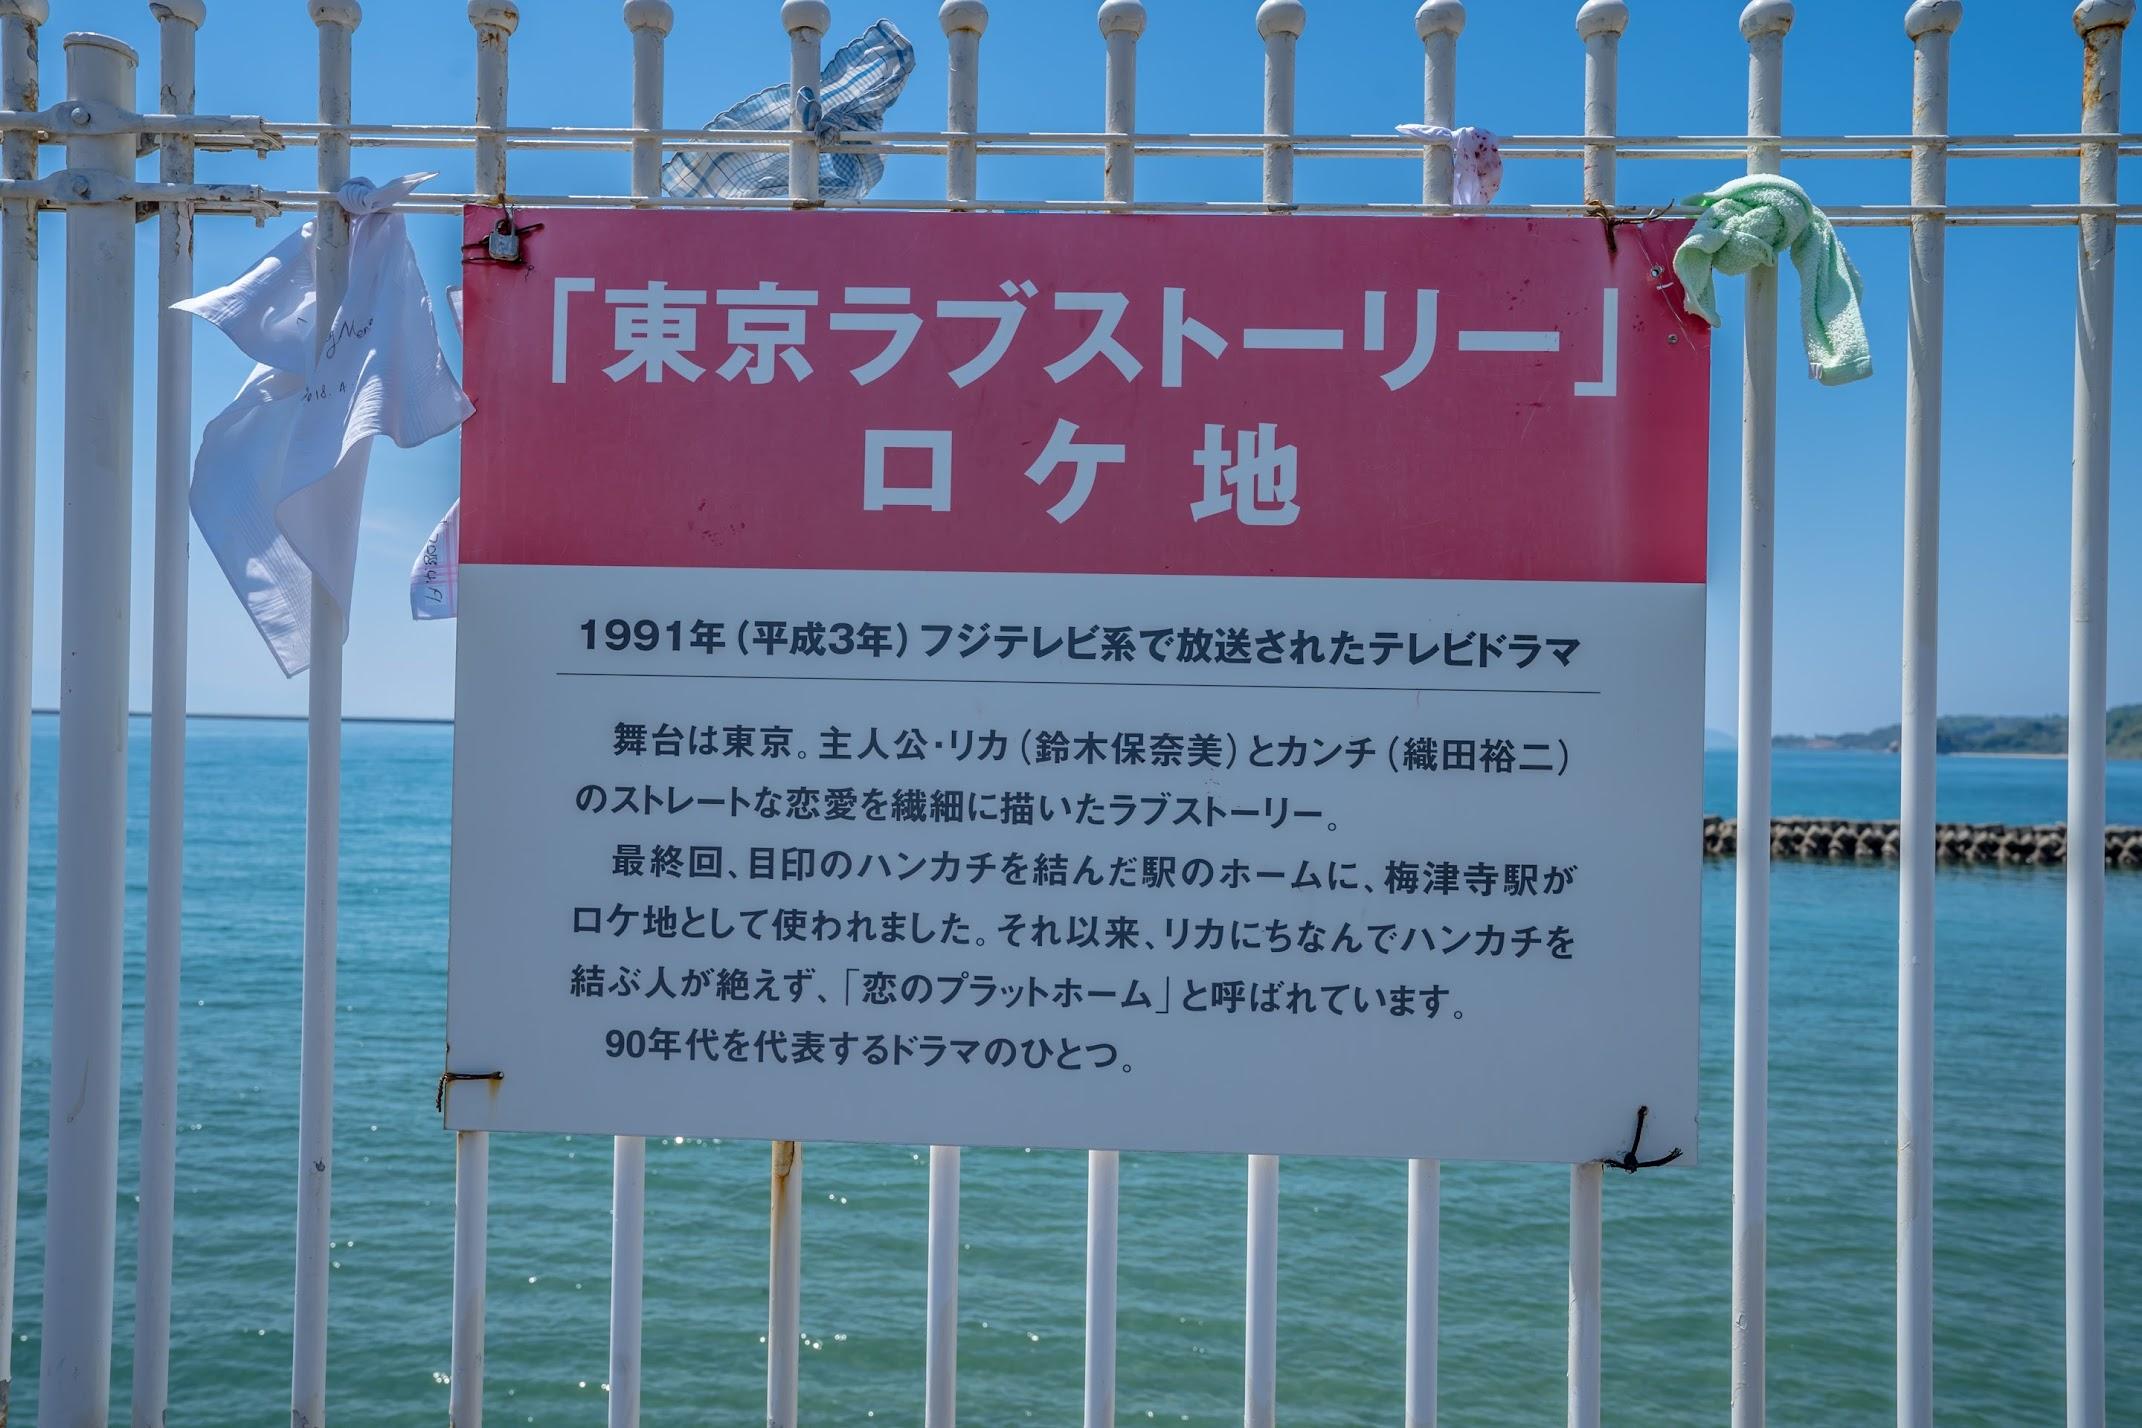 梅津寺 東京ラブストーリー